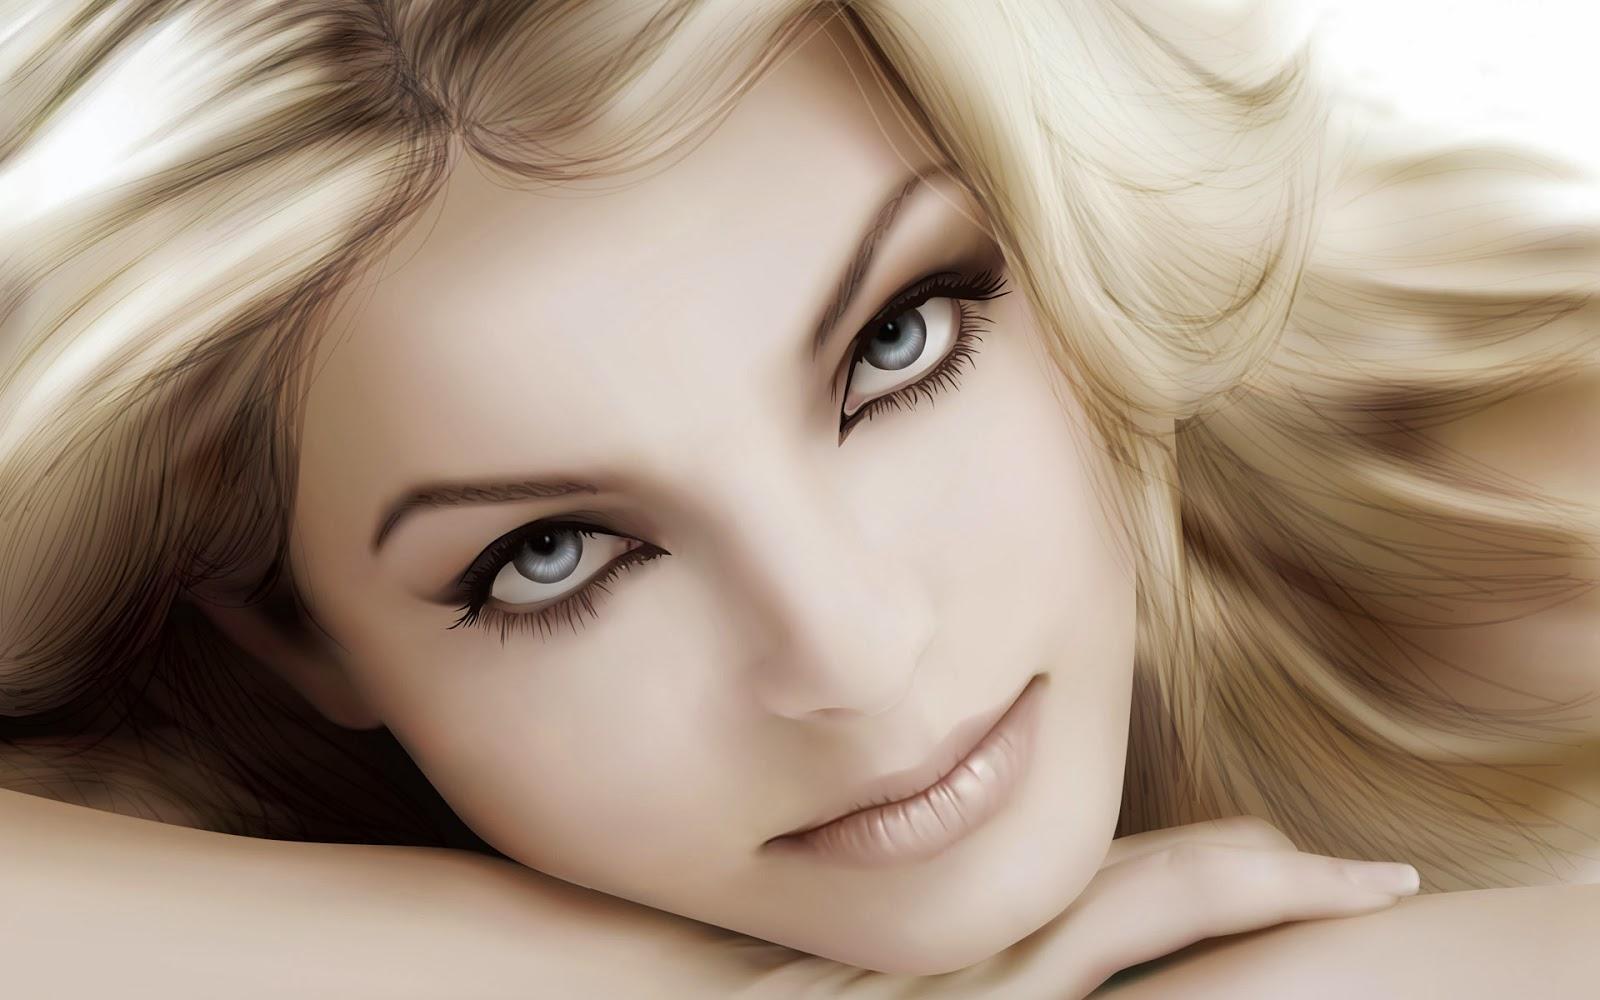 بالصور صور جميلات العالم , اجمل نساء فالكون 5707 5